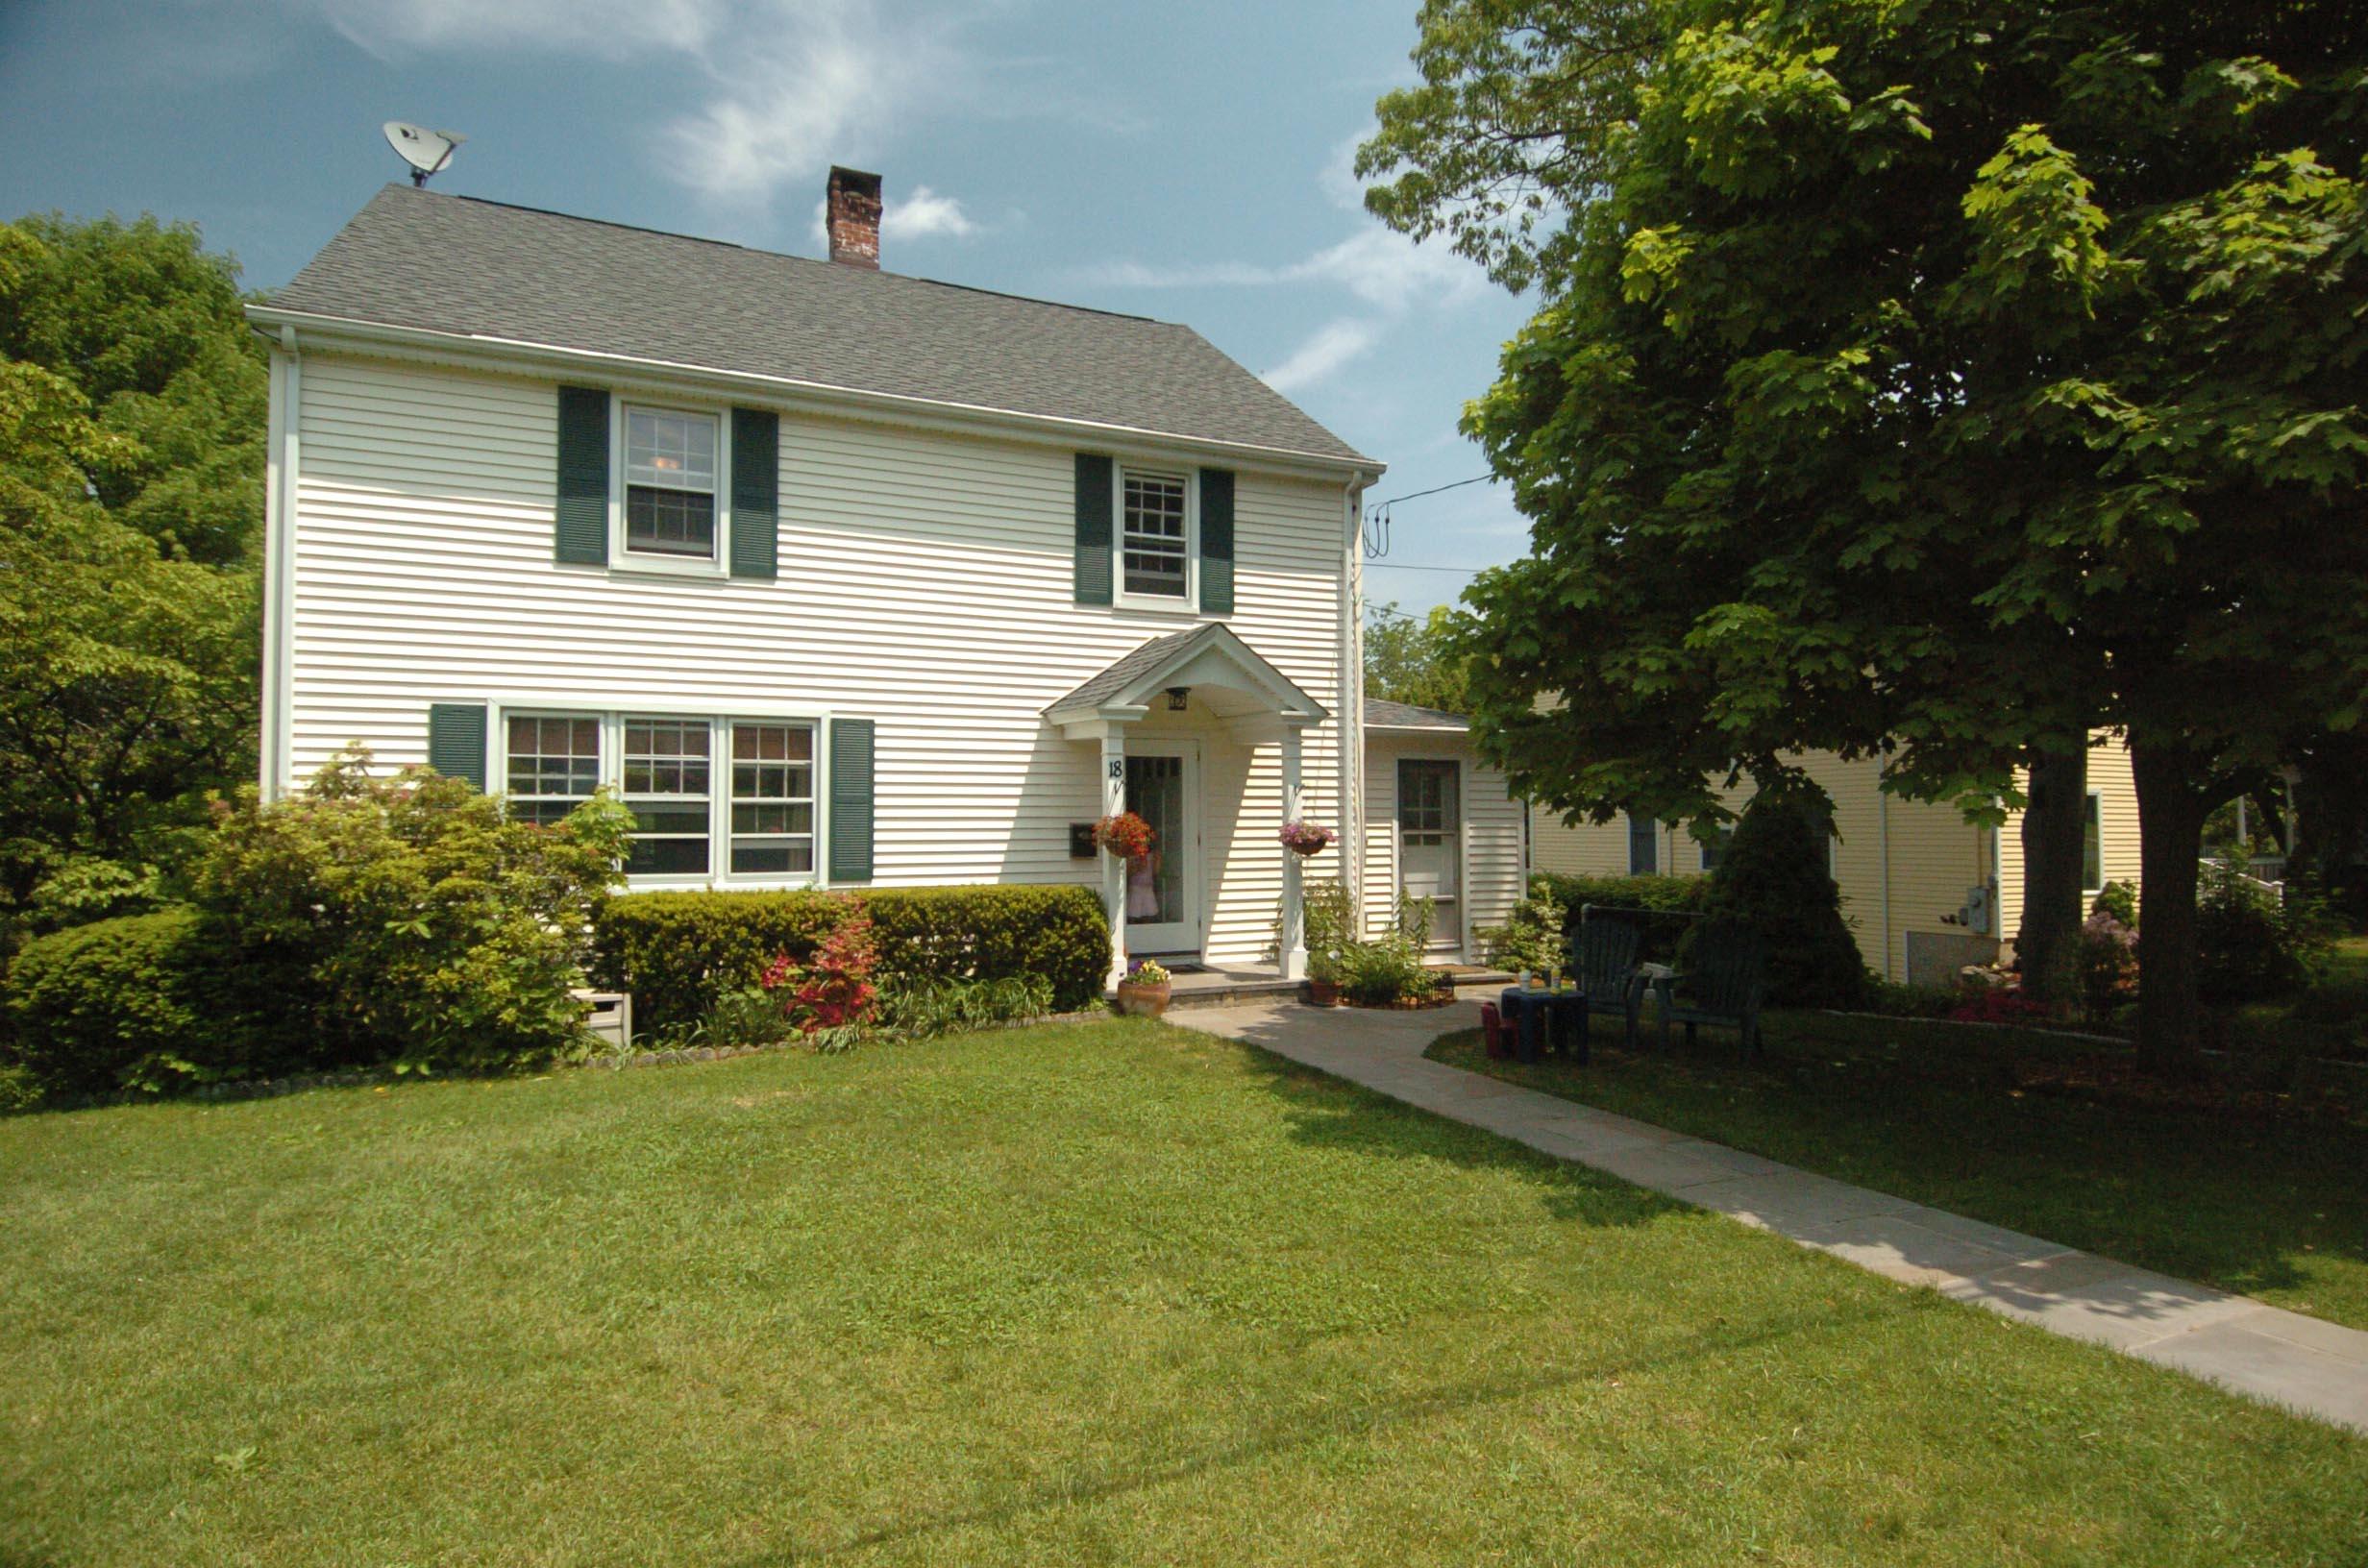 단독 가정 주택 용 매매 에 In the Heart of Ridgefield 18 Island Hill Avenue Ridgefield, 코네티컷, 06877 미국